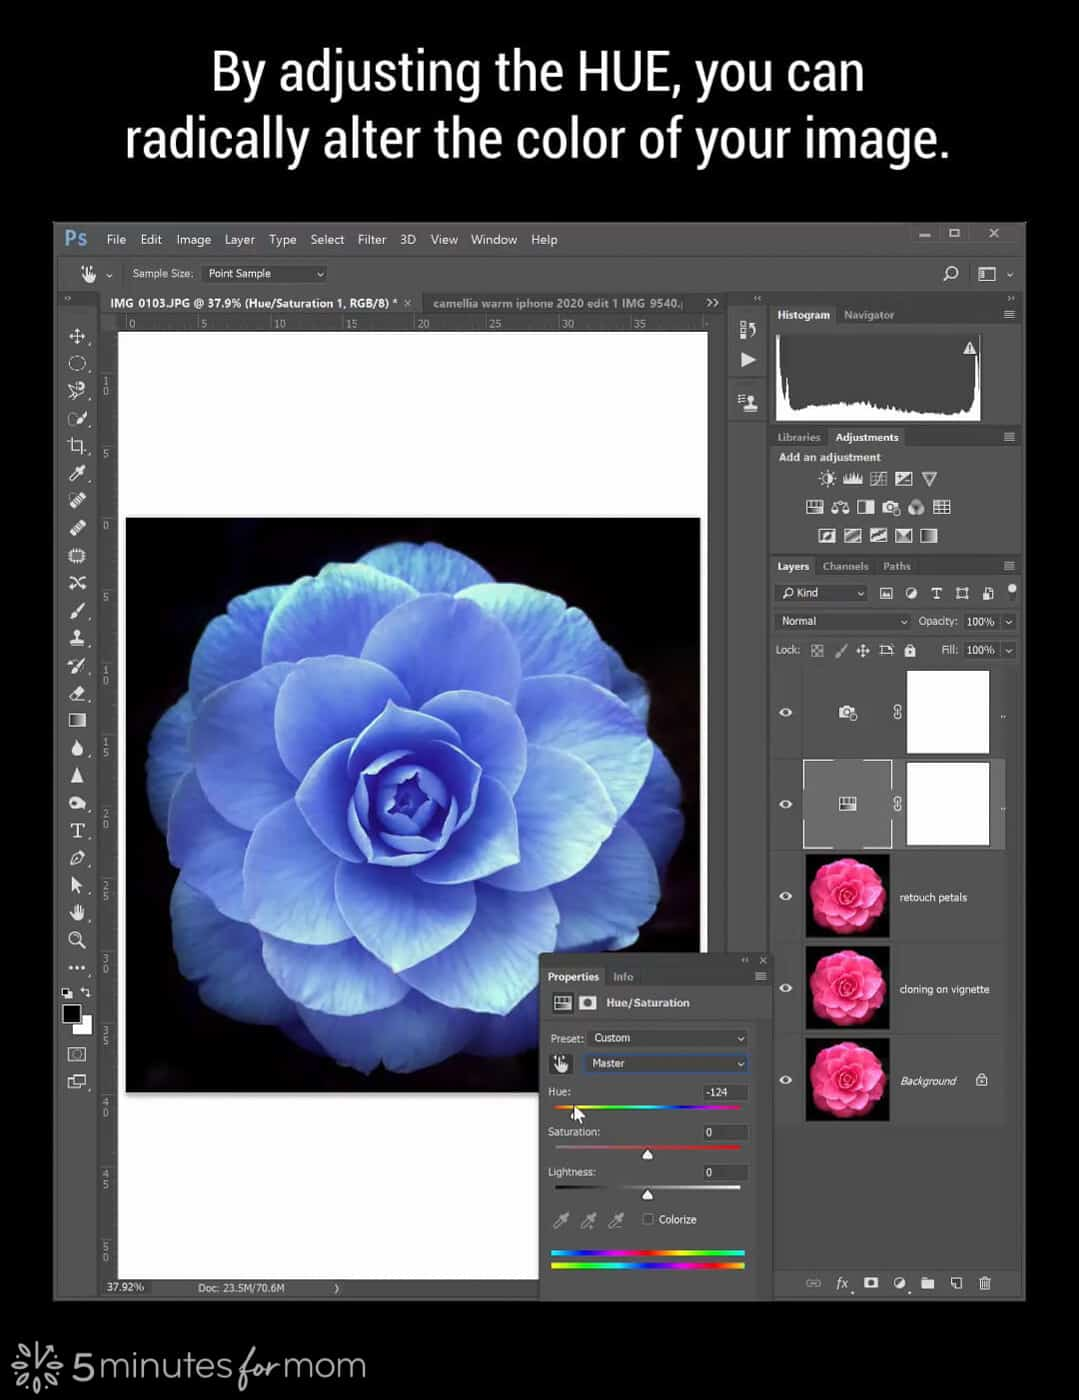 Adjusting Hue in Photoshop